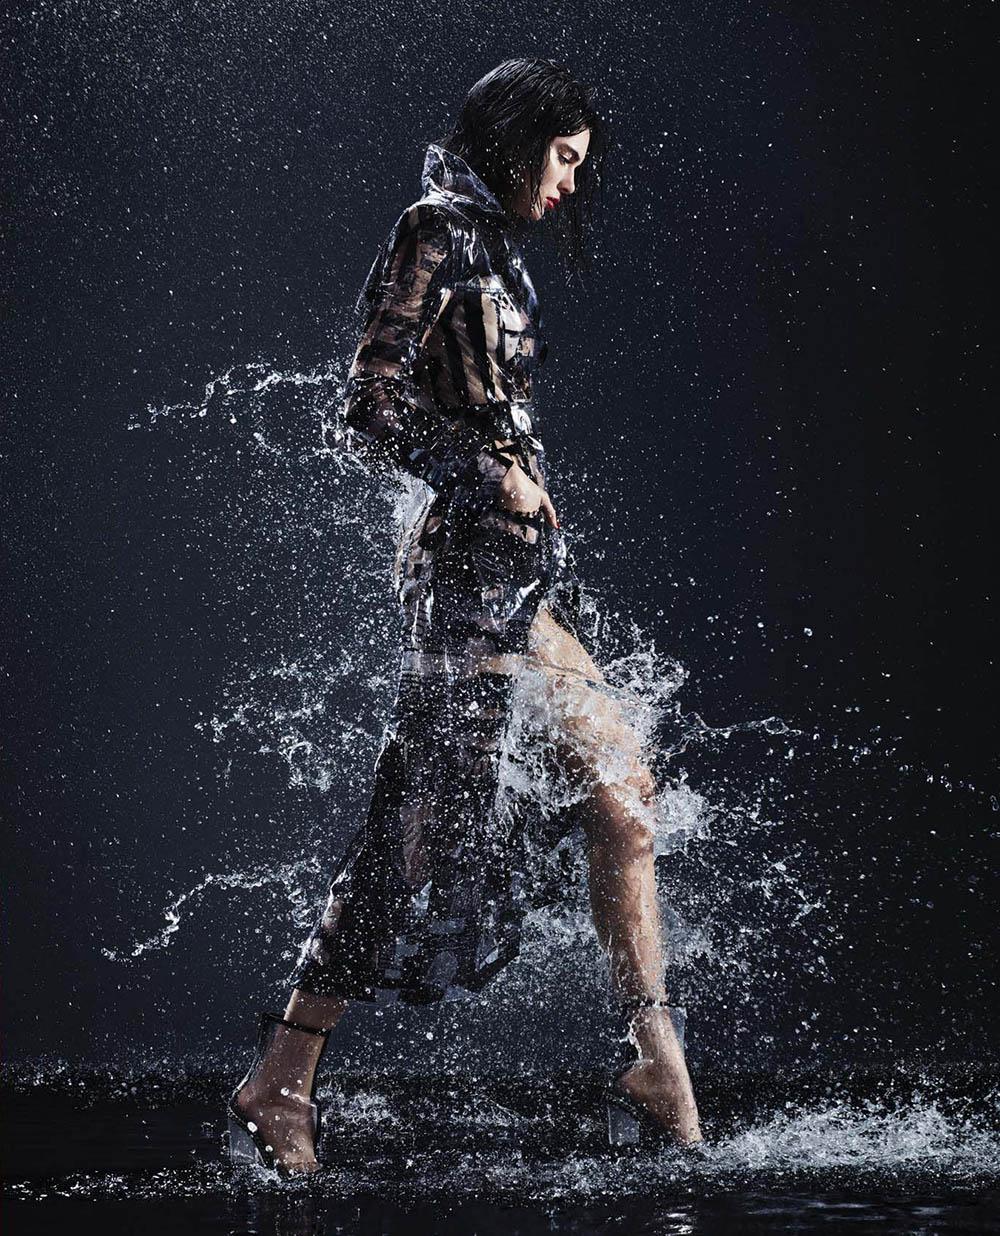 Kendall Jenner covers Harper's Bazaar US February 2018 by Sølve Sundsbø